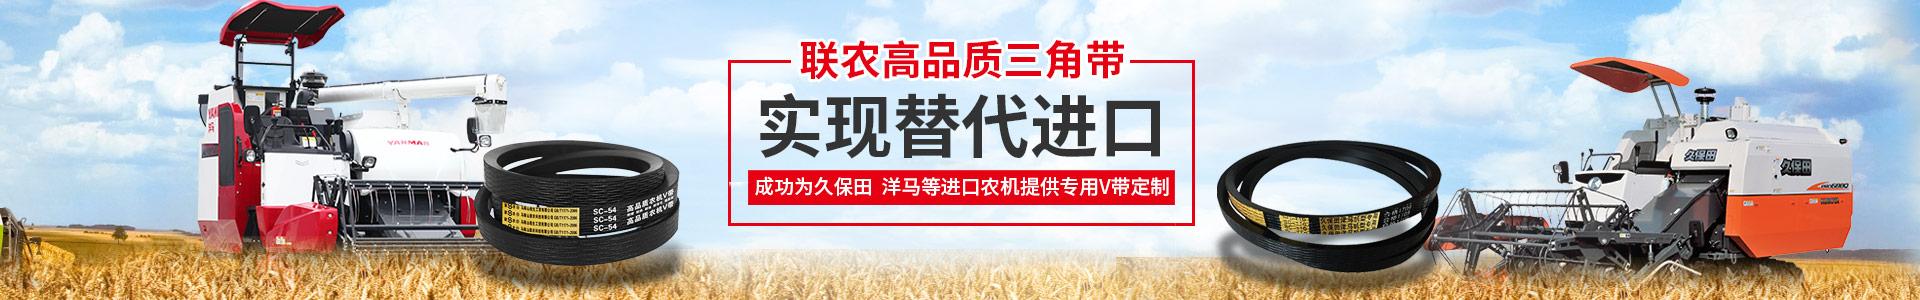 联农高品质三角带实现替代进口